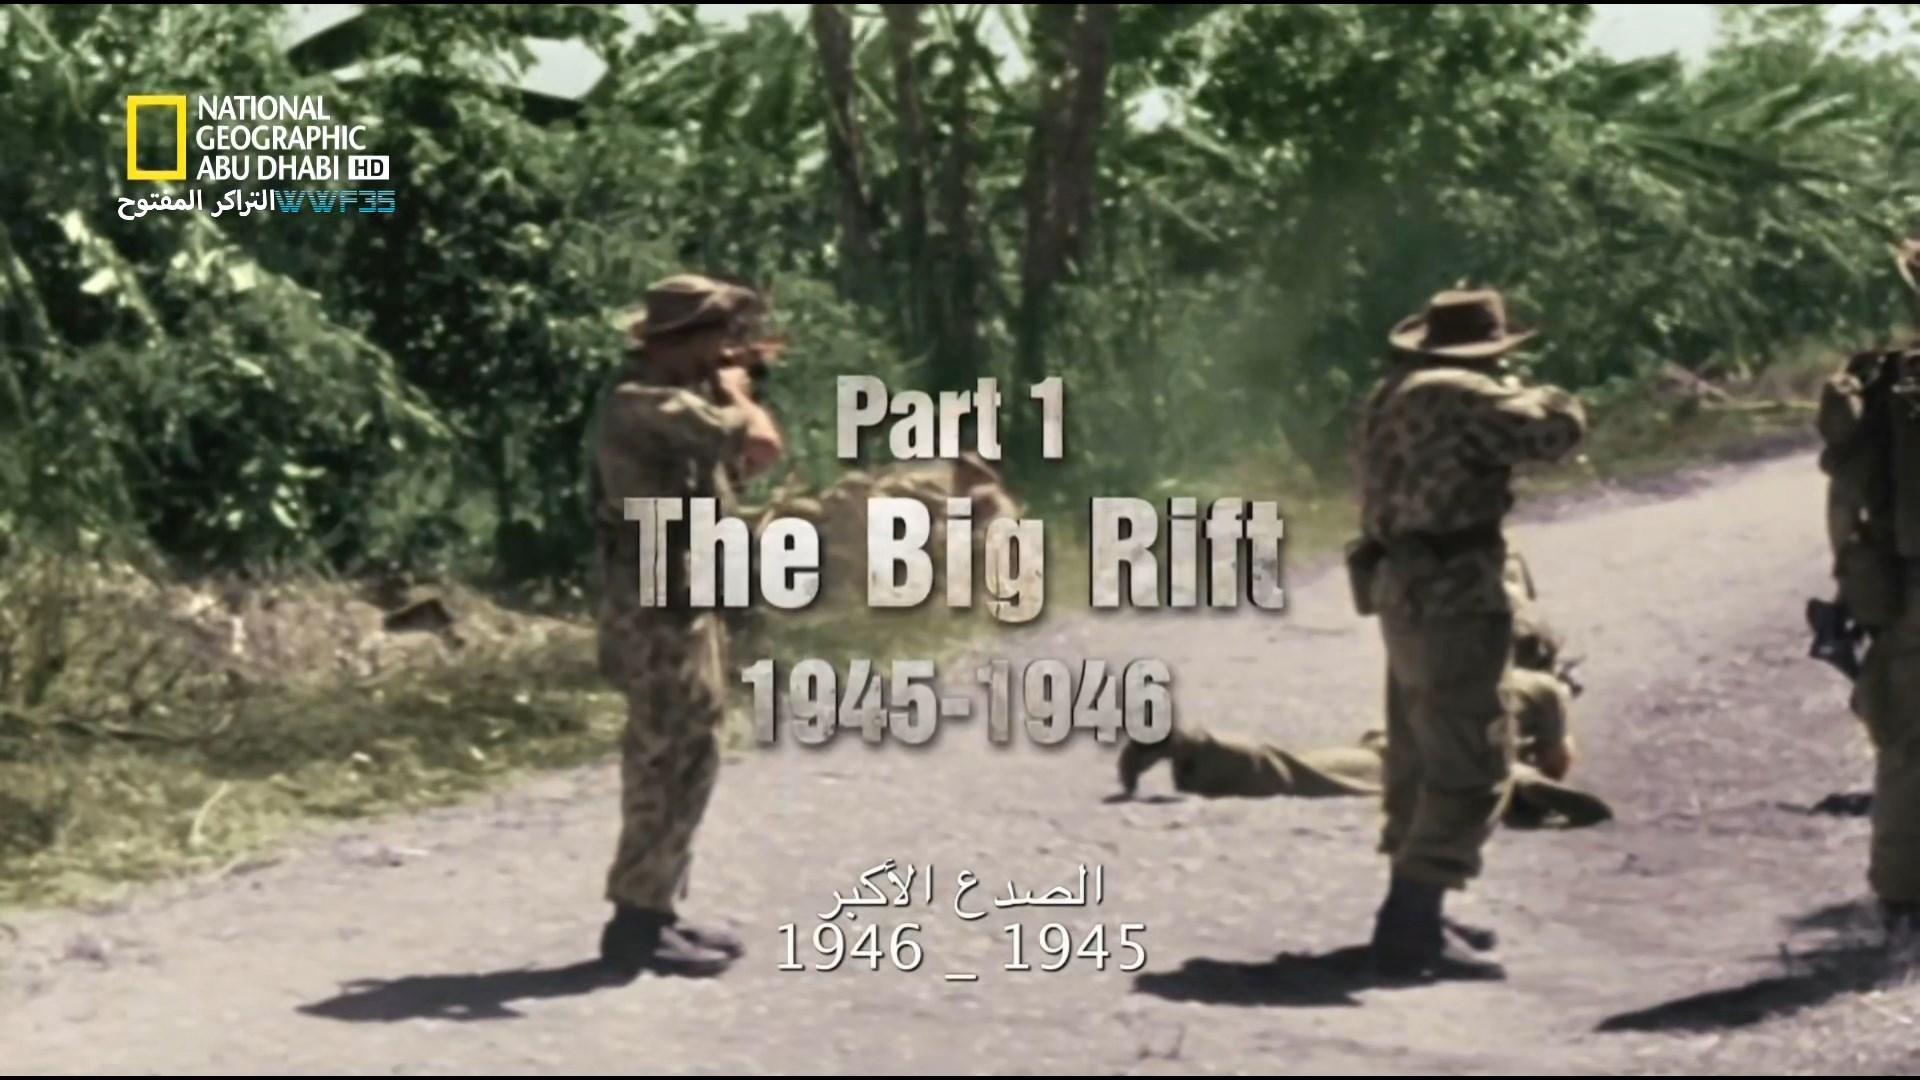 الحلقة الأولى نهاية العالم: حرب العوالم {1991-1945}APOCALYPSE: WAR OF WORLDS [مدبلج] [1080p] تحميل تورنت 2 arabp2p.com